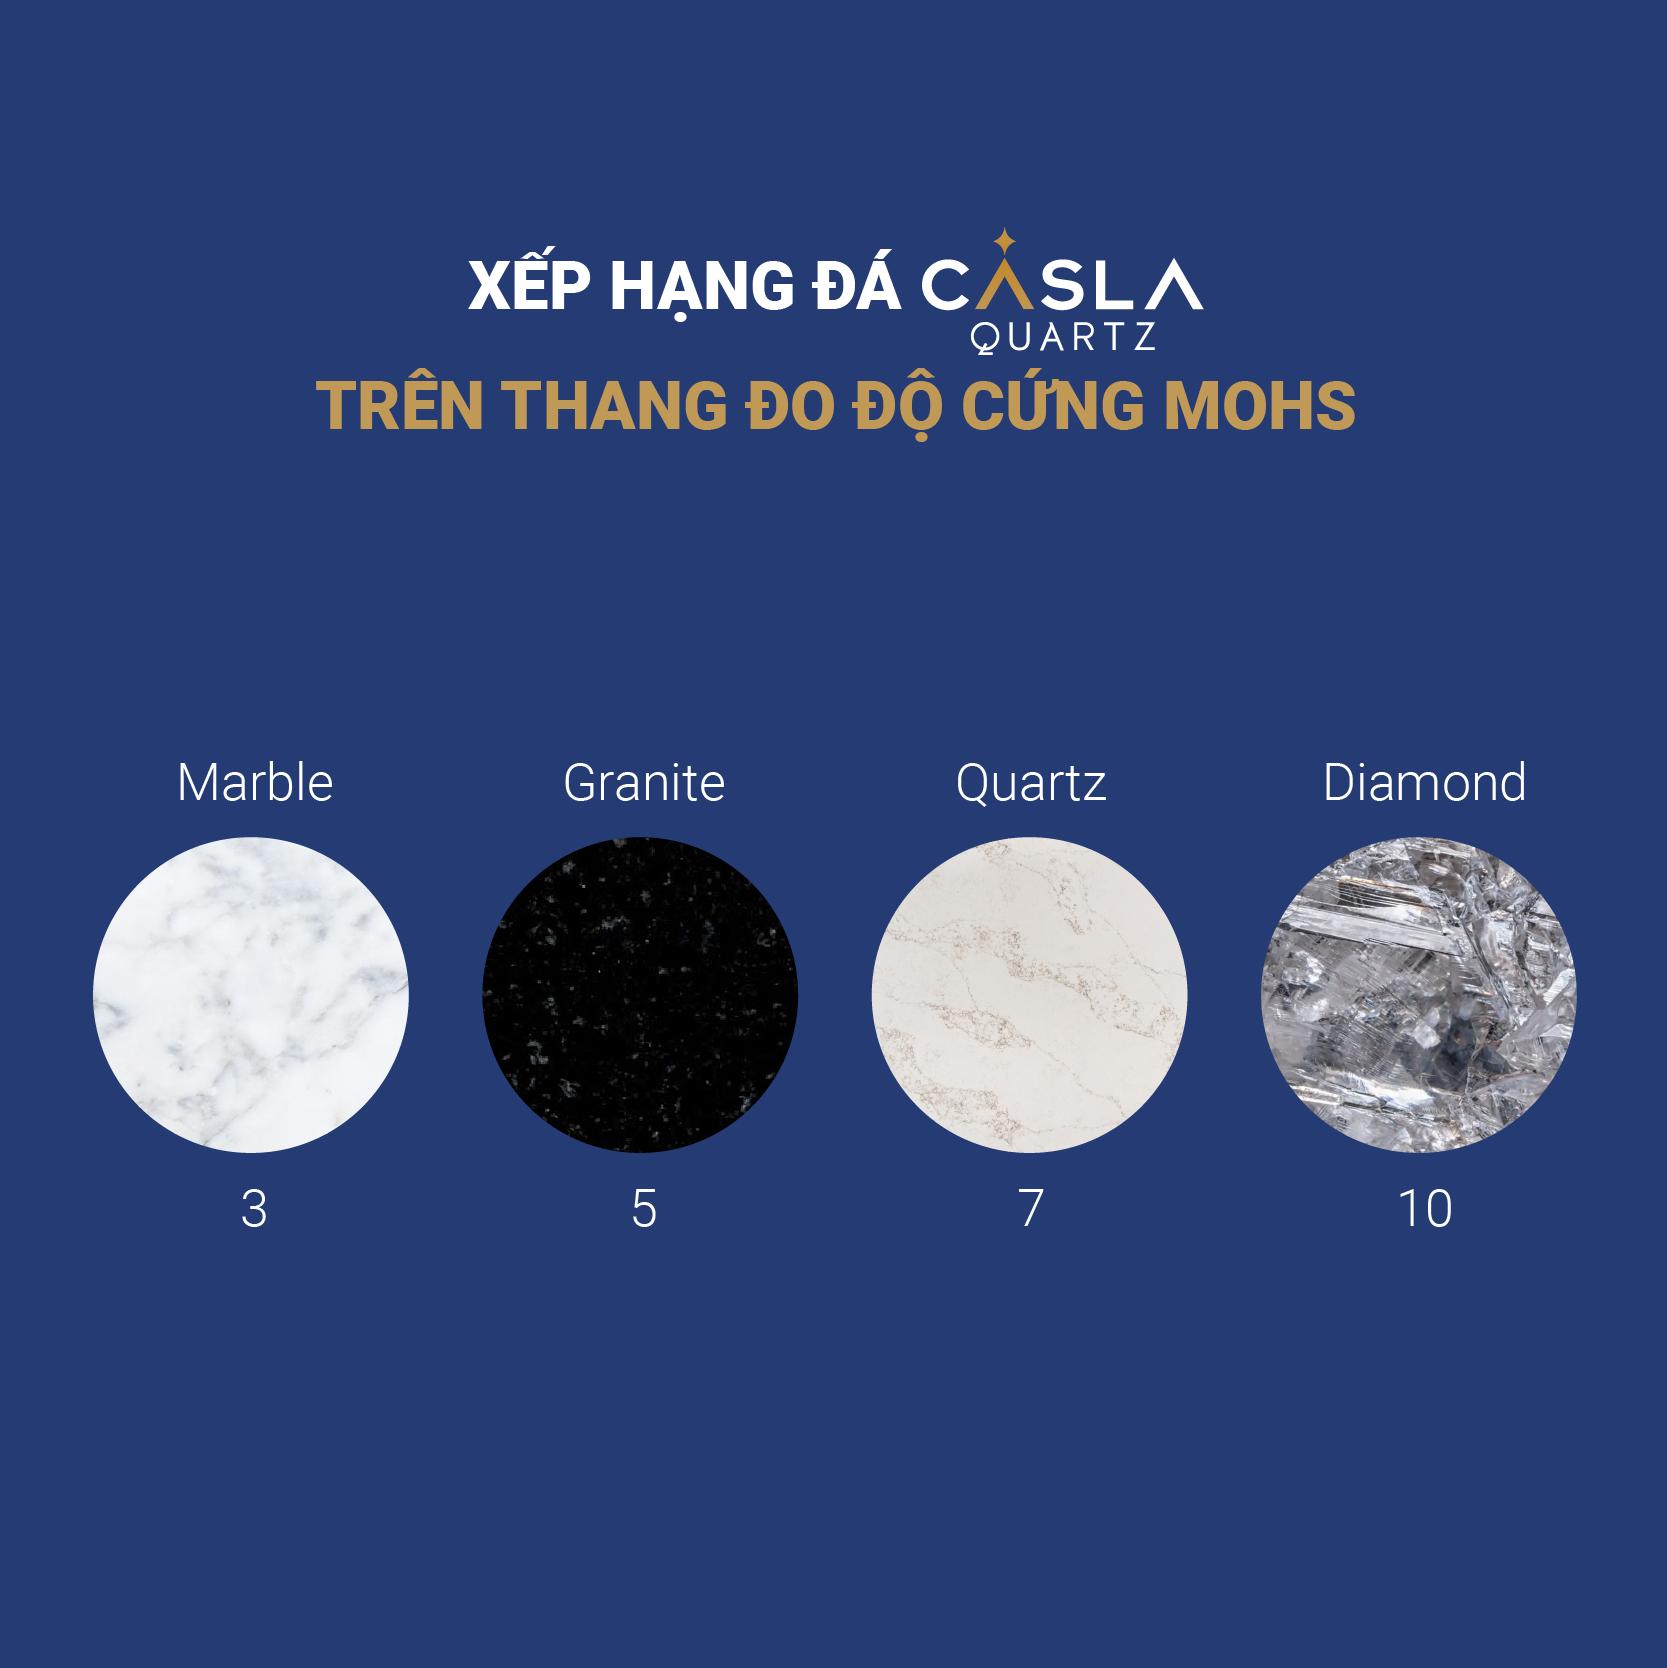 5 sự thật thú vị về đá thạch anh nhân tạo cao cấp Caslaquartz: Độ cứng của đá Caslaquartz trên thang đo độ cứng MOHS